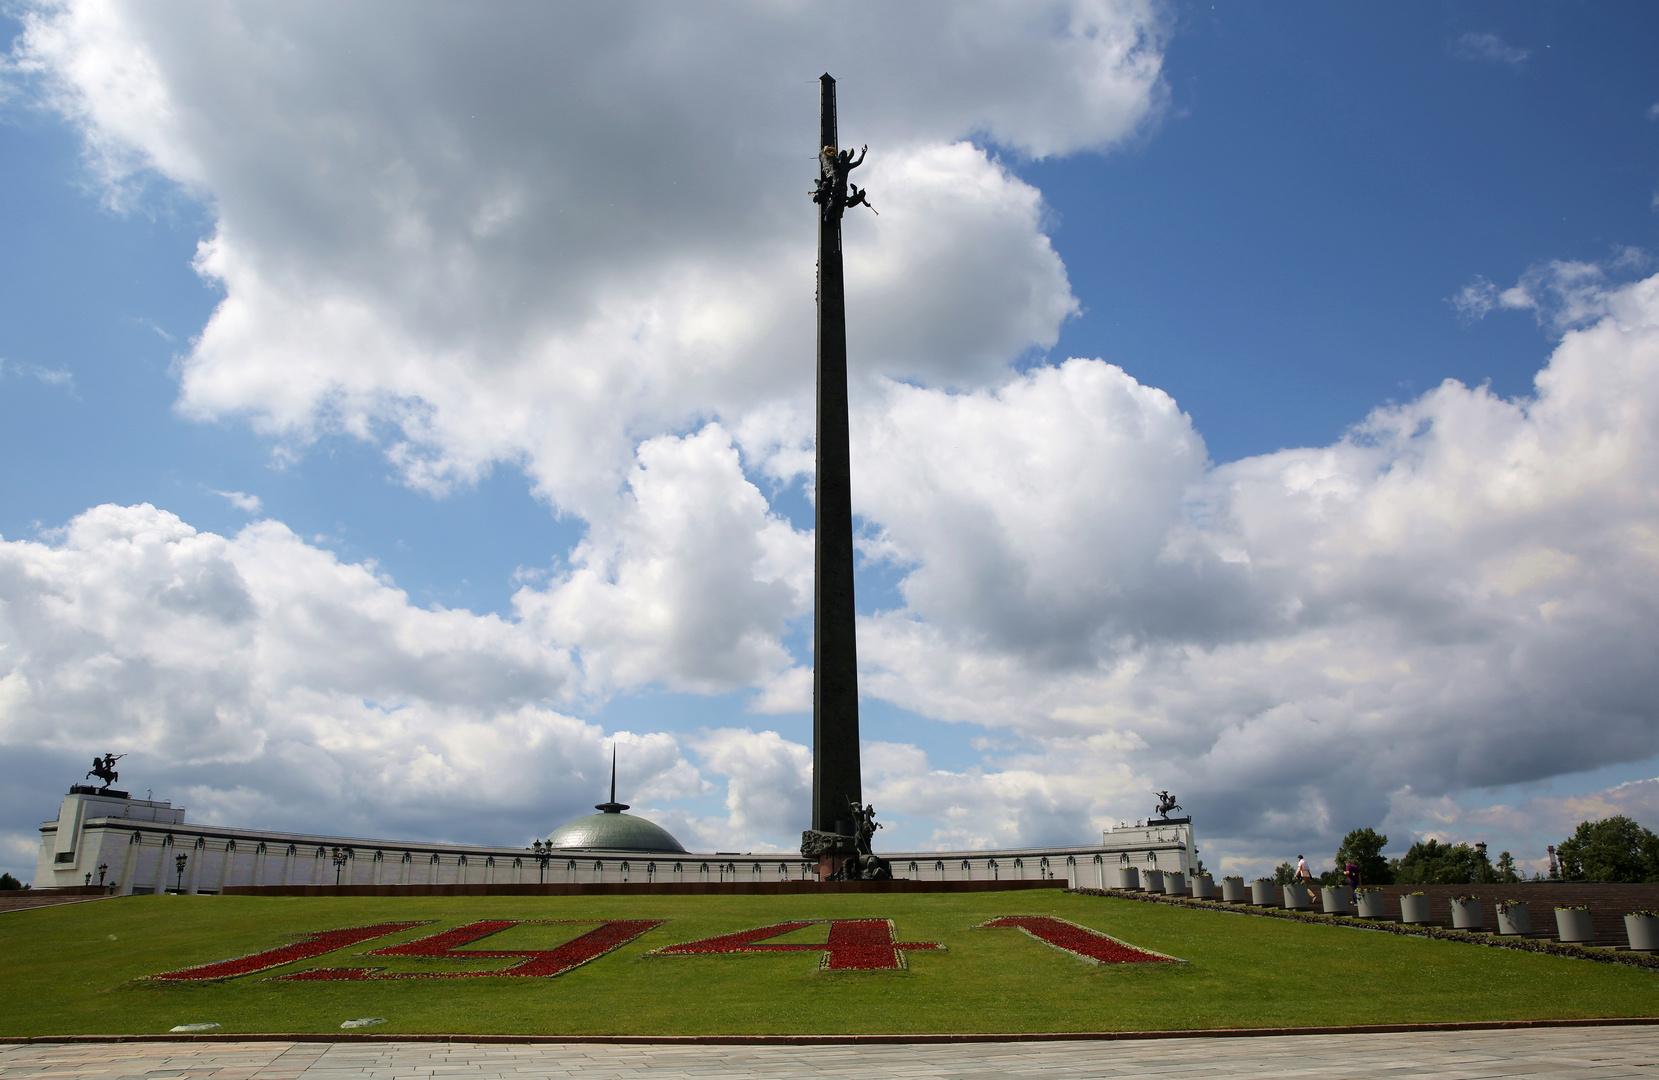 Vor dem Zentralmuseum des Großen Vaterländischen Krieges